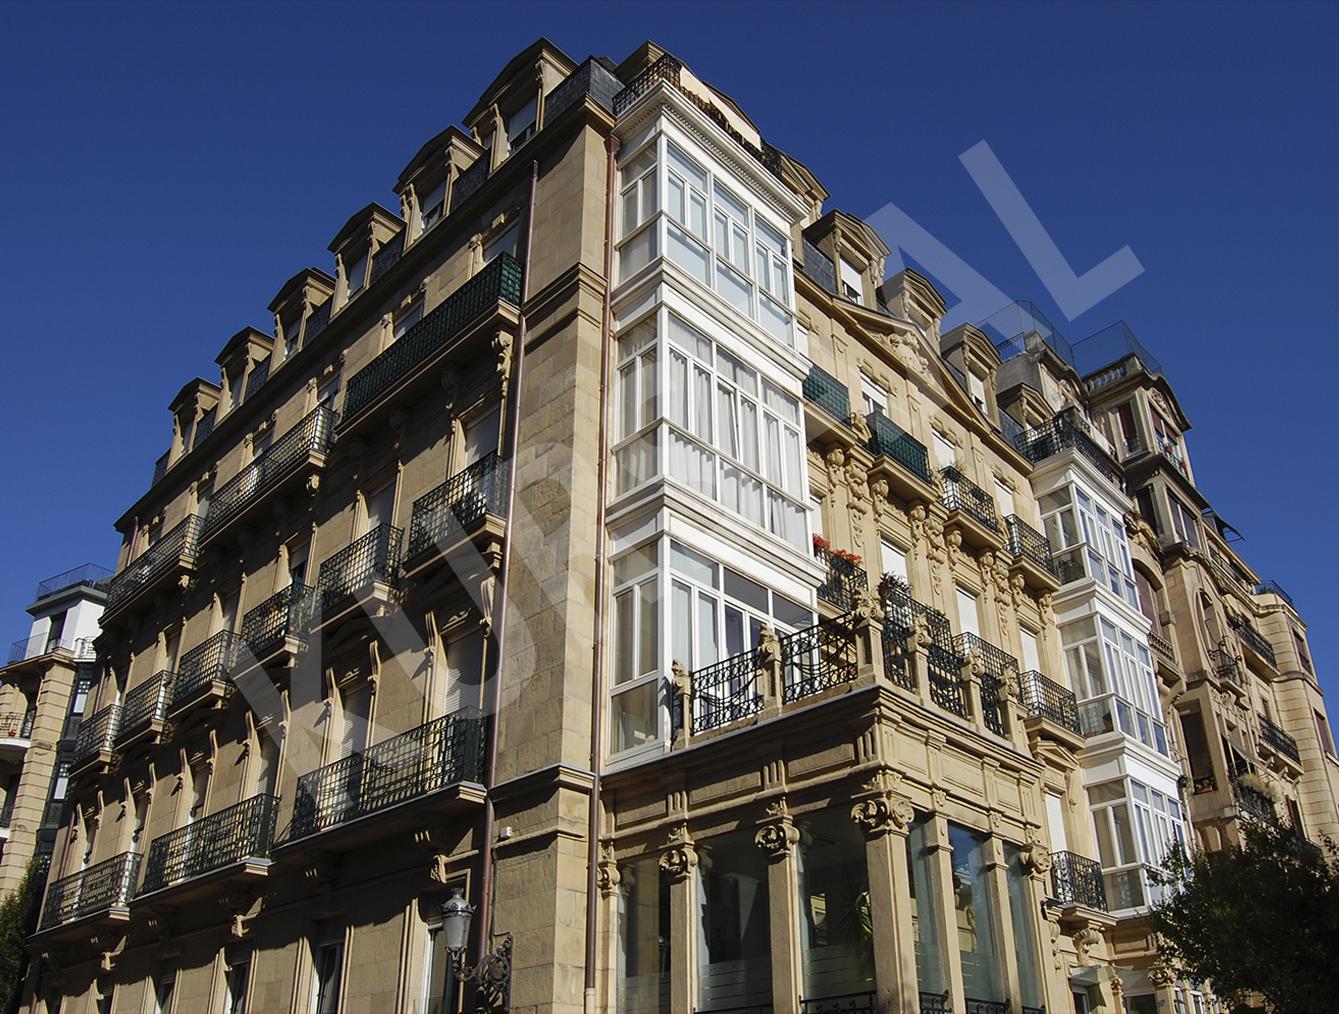 foto 2 - Restauración y patrimonio-Prim, 39-DONOSTIA, GIPUZKOA